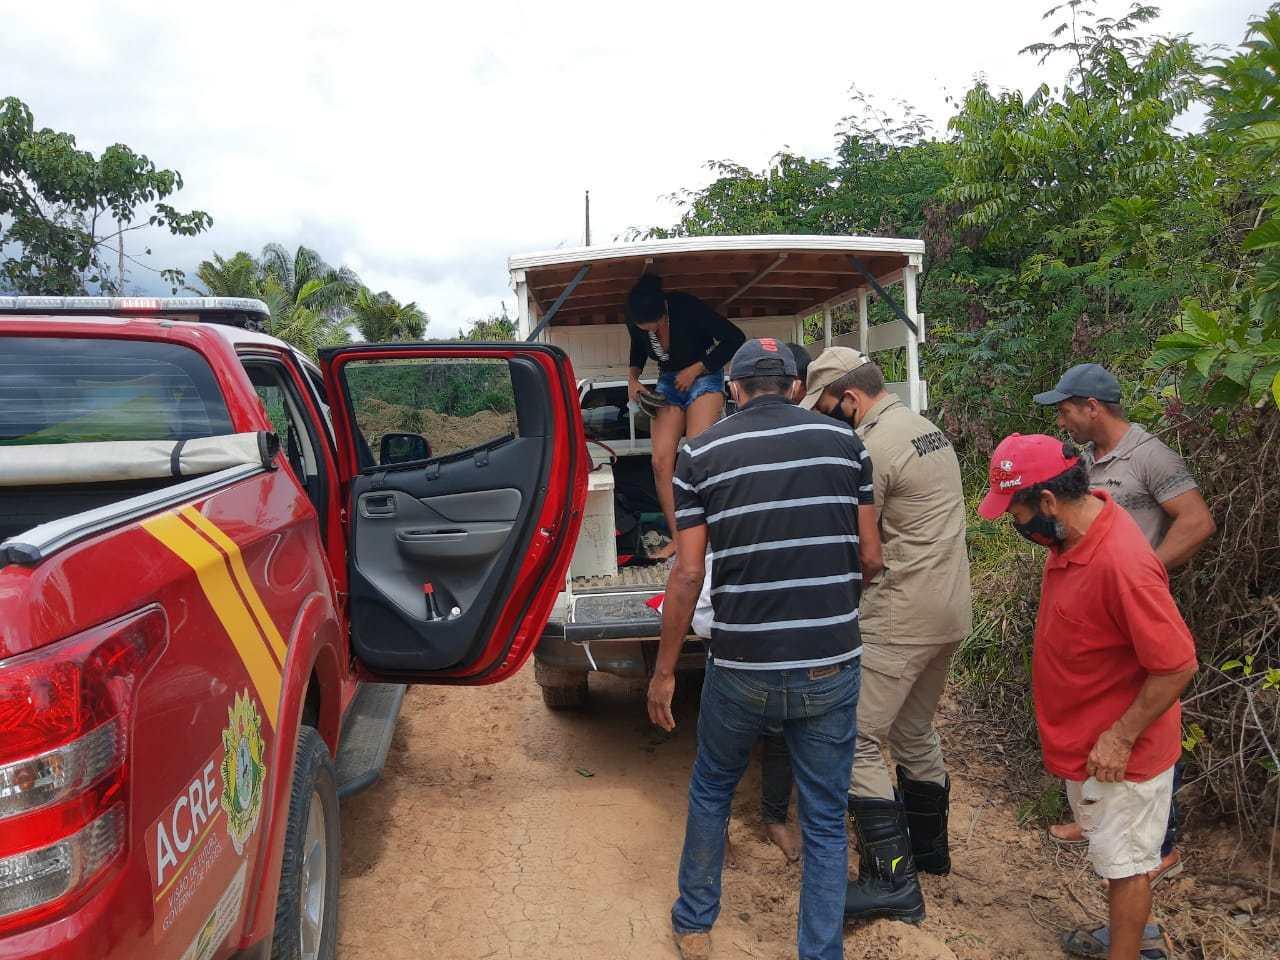 Corpo de bombeiros resgata vítima de picada de serpente no interior do Acre